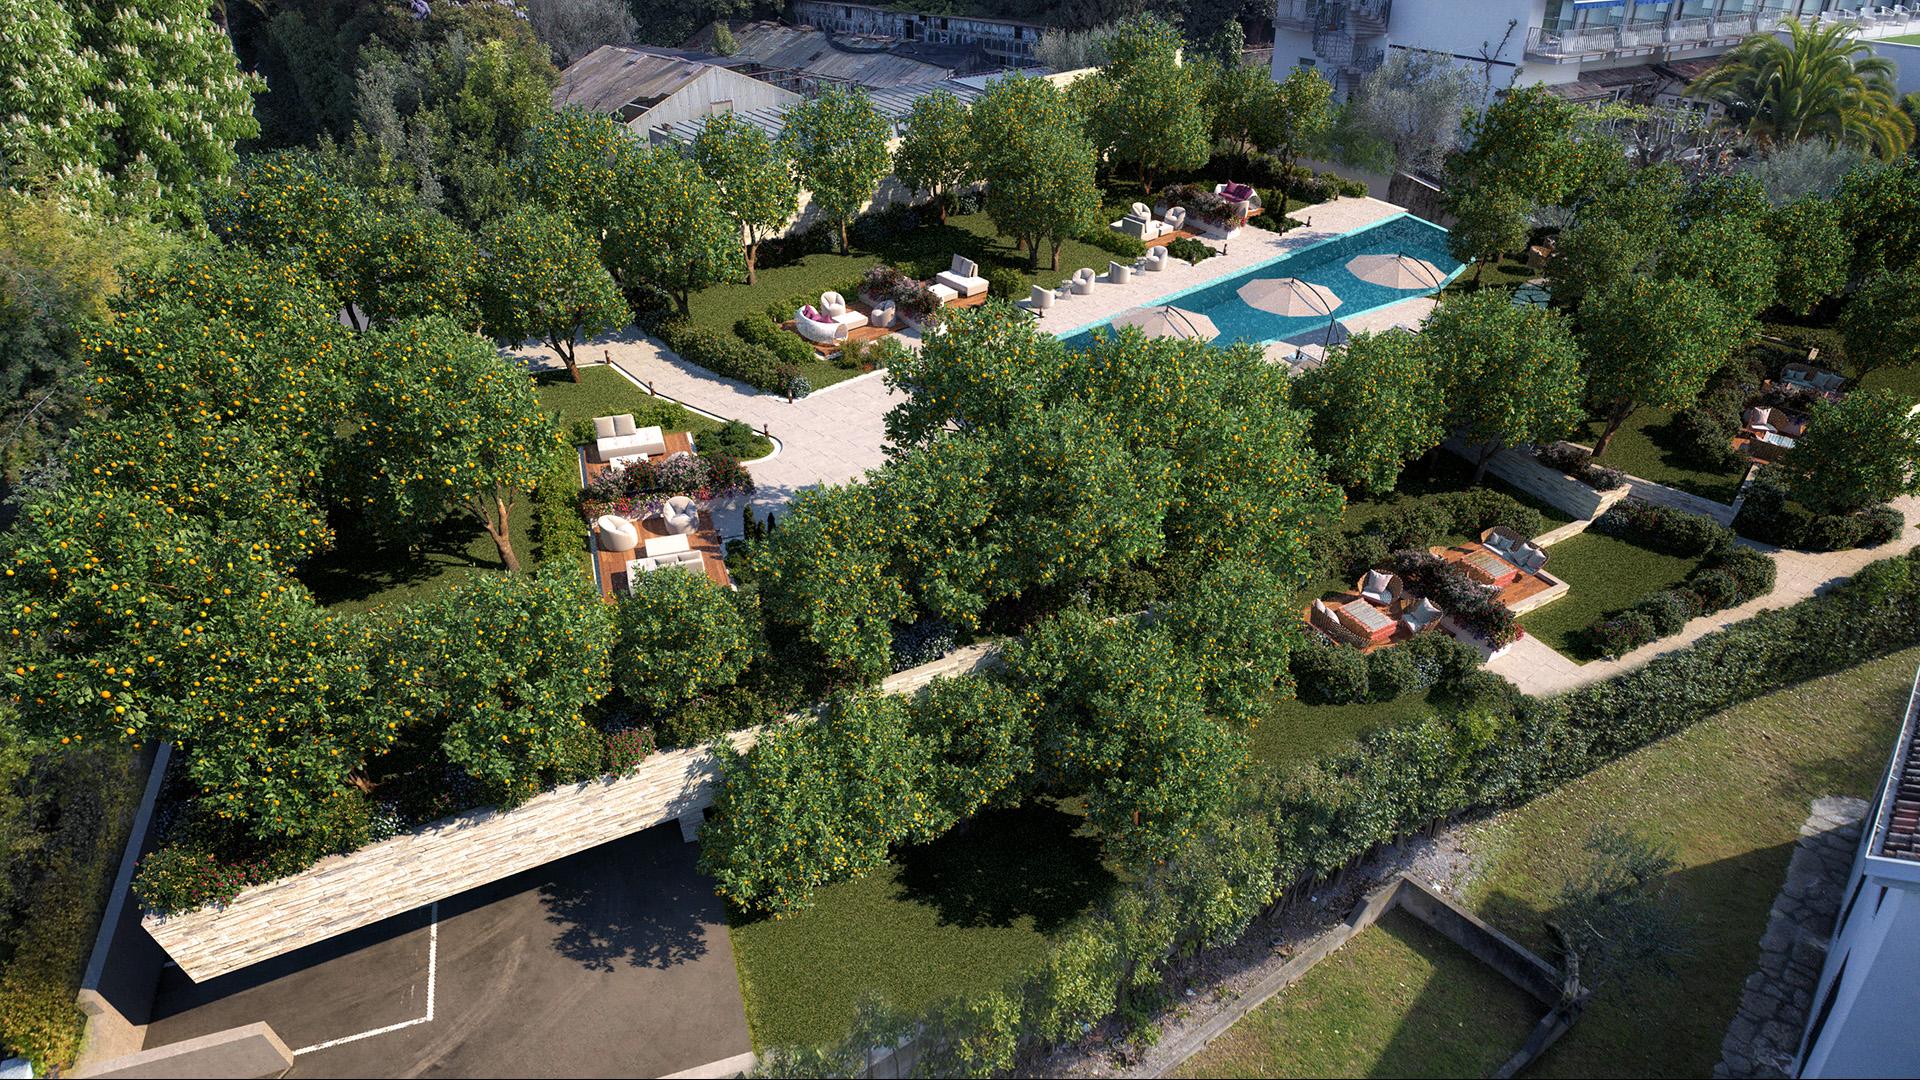 Studio Grafico Fattori Tobia - Hotel Olivi Sirmione